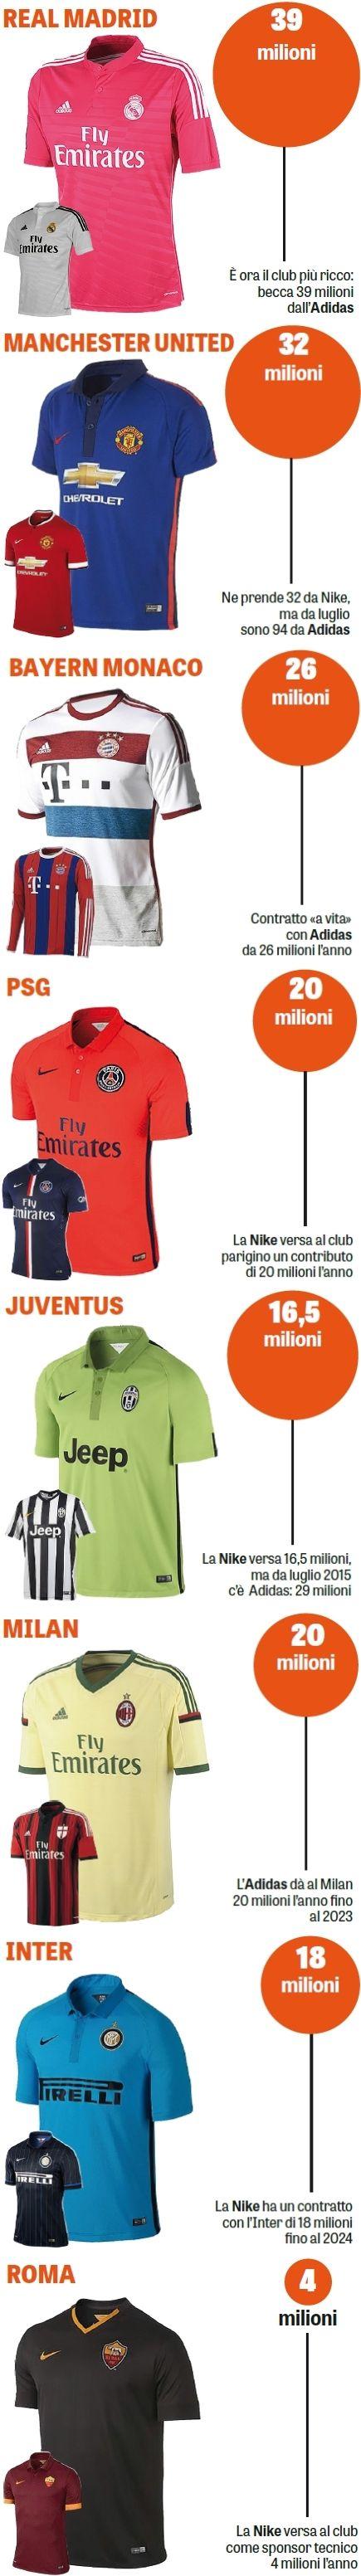 Koszulki, Real Madryt, Manchester United, Bayern Monachium, Juventus, AC Milan